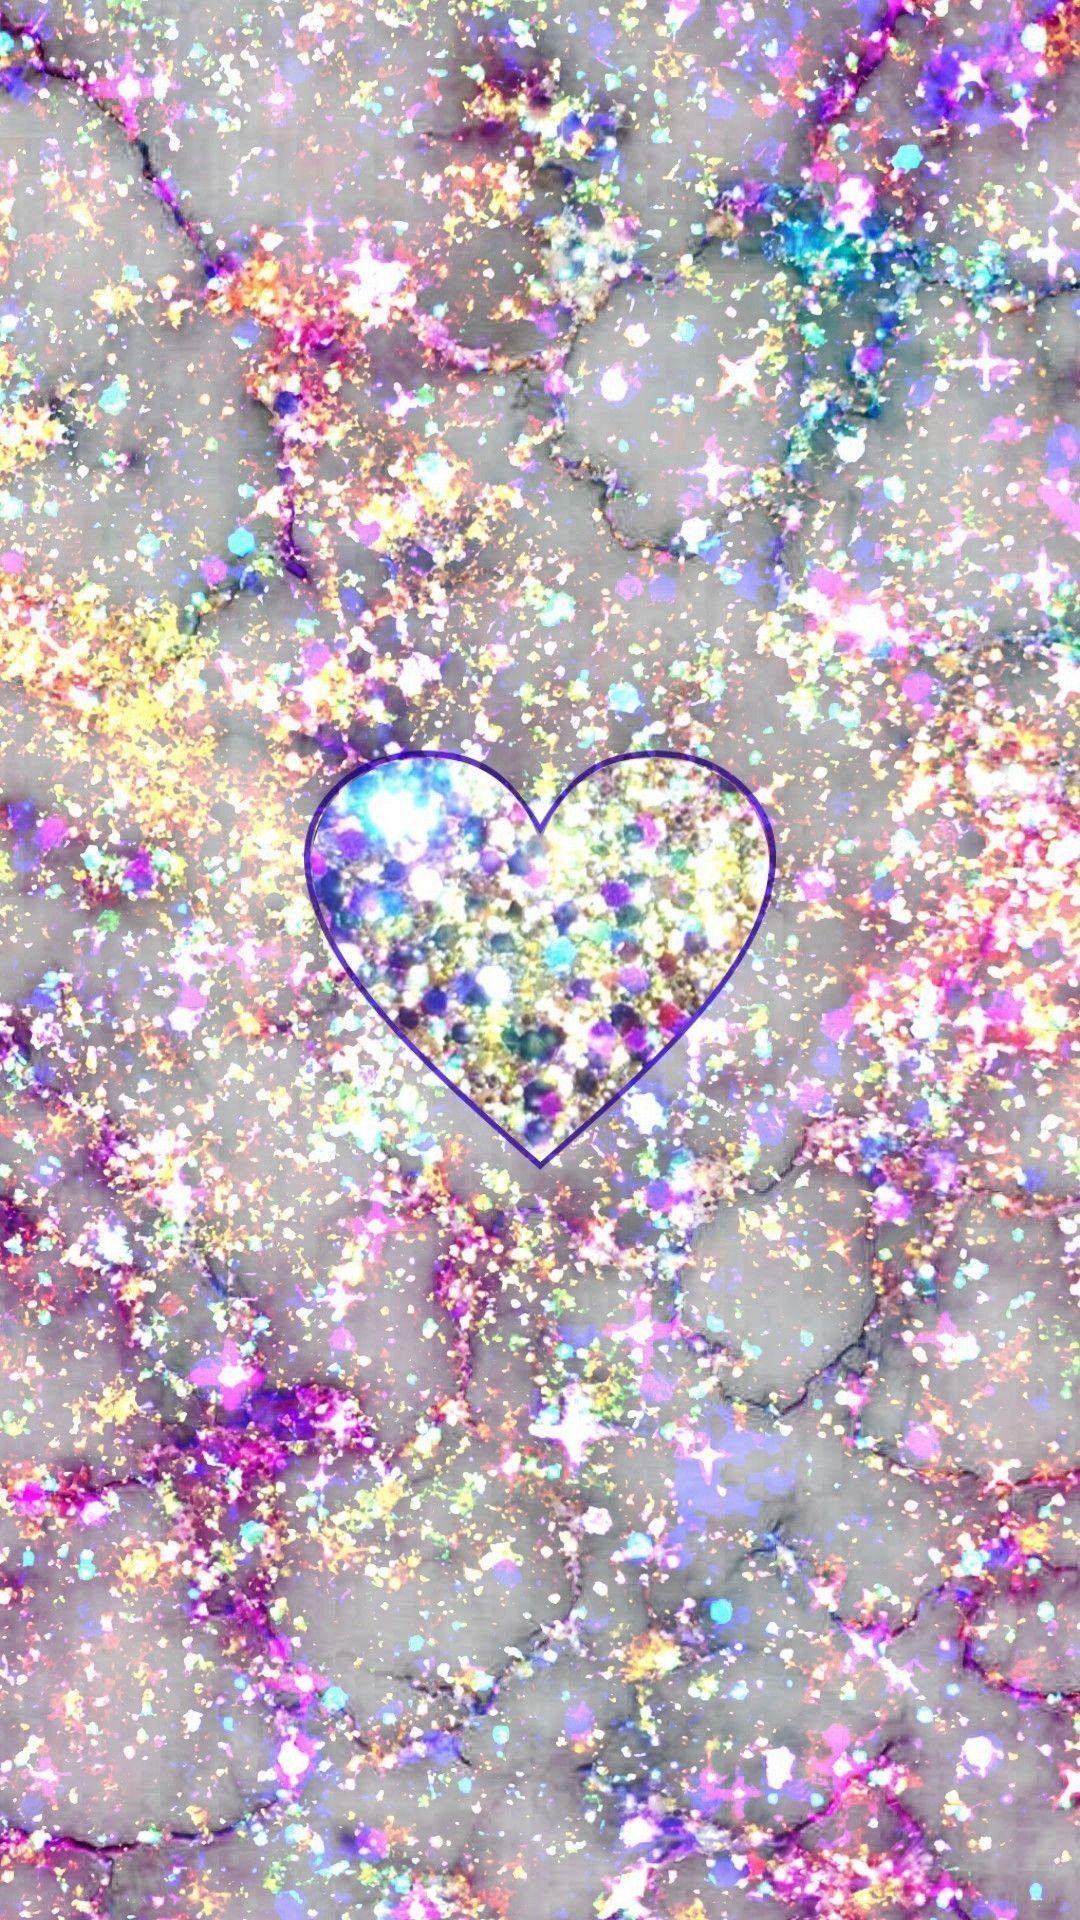 Glitter Regenbogen Iphone Hintergrundbilder Ipcwallpapers Iphone Wallpaper Glitter Glitter Phone Wallpaper Heart Iphone Wallpaper